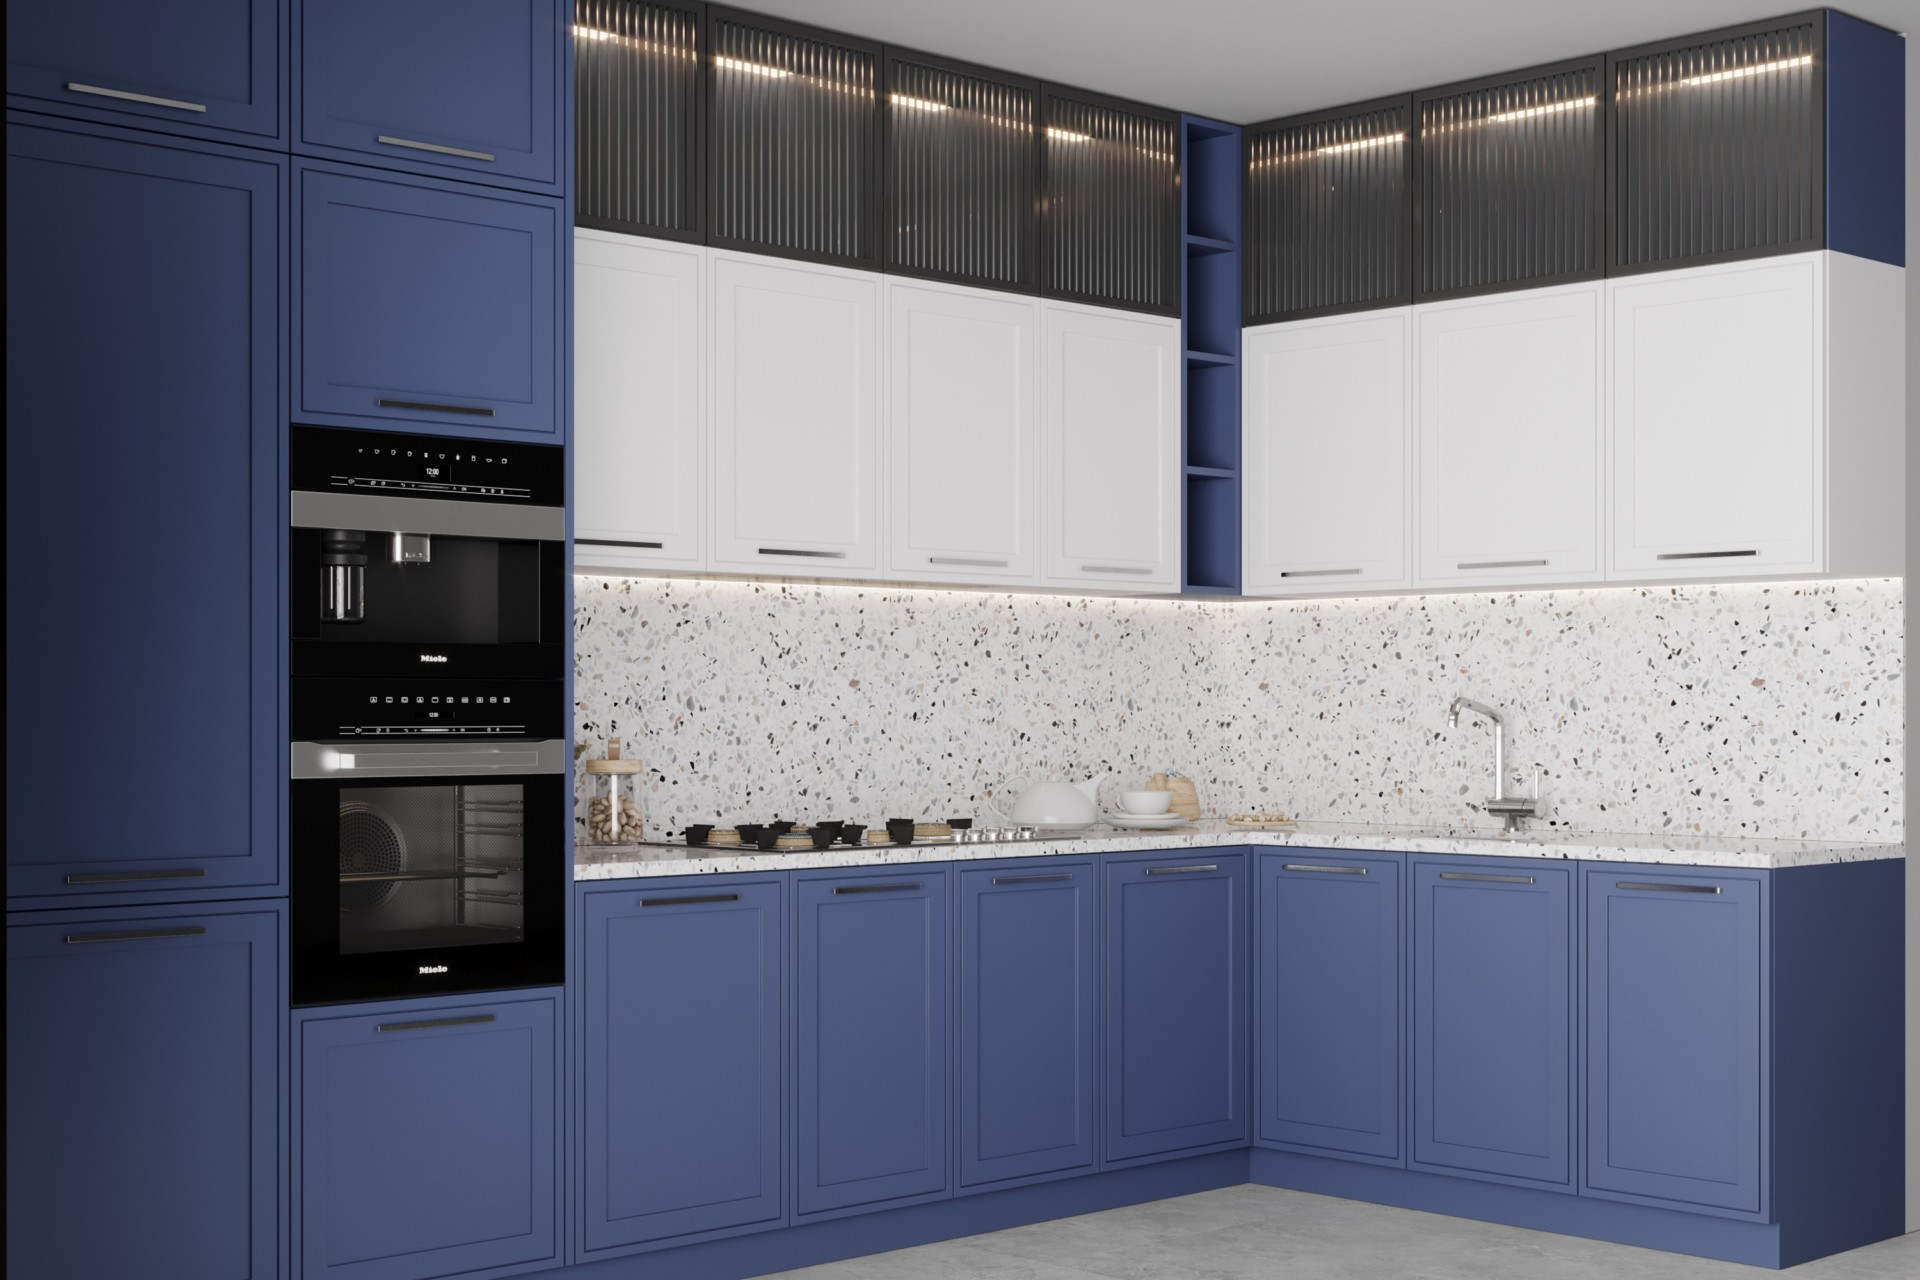 Кухня «Косма» сине белая в стиле эко минимализм